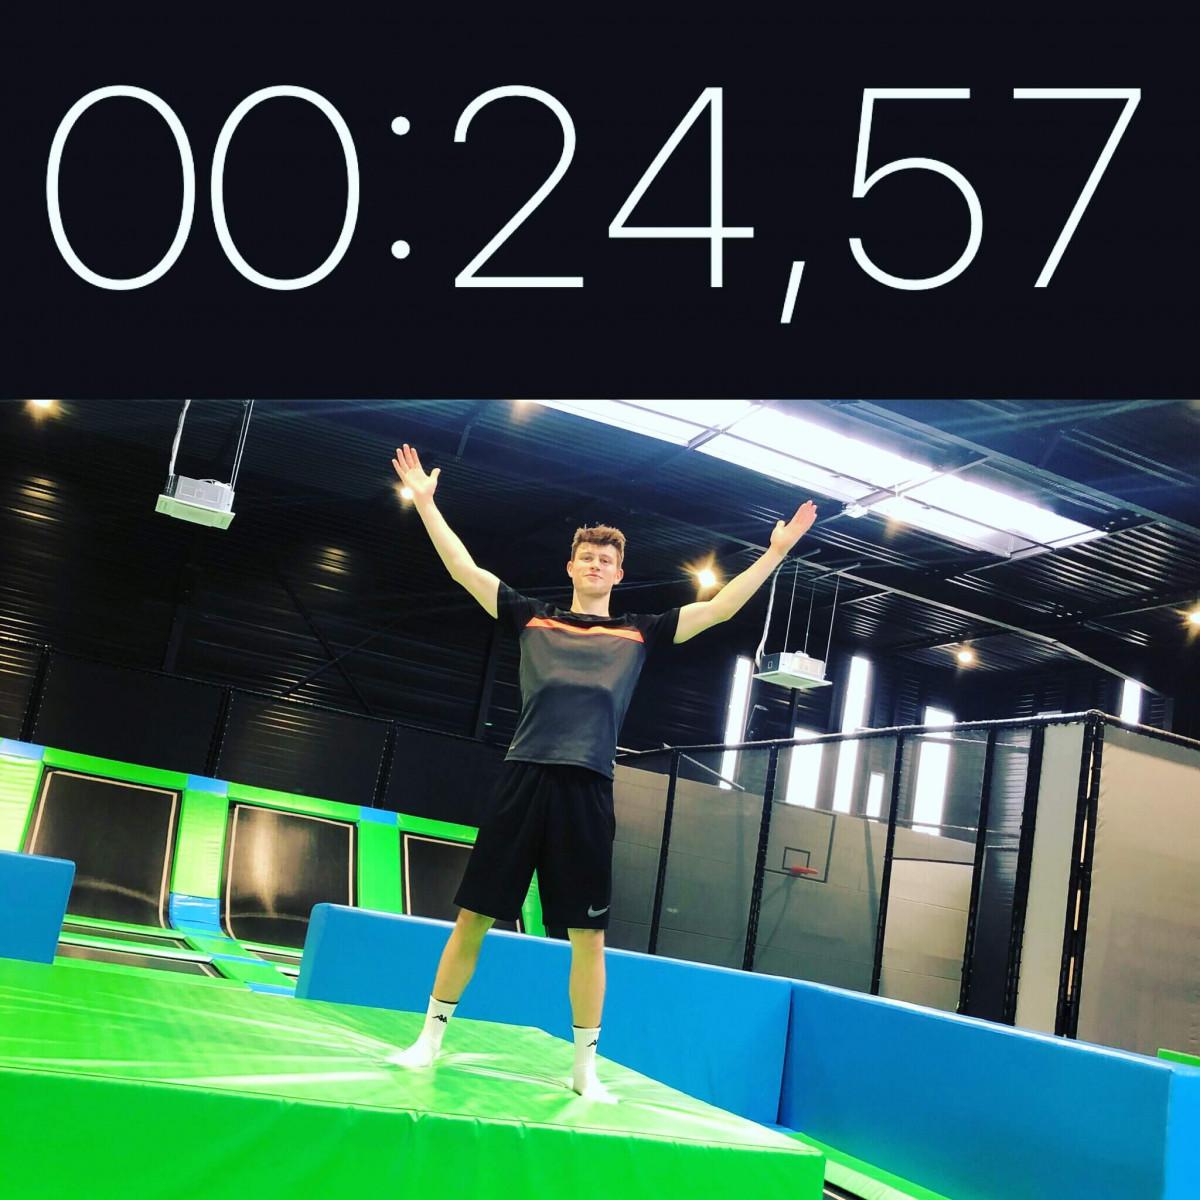 Détenteur du record Parcours Ninja